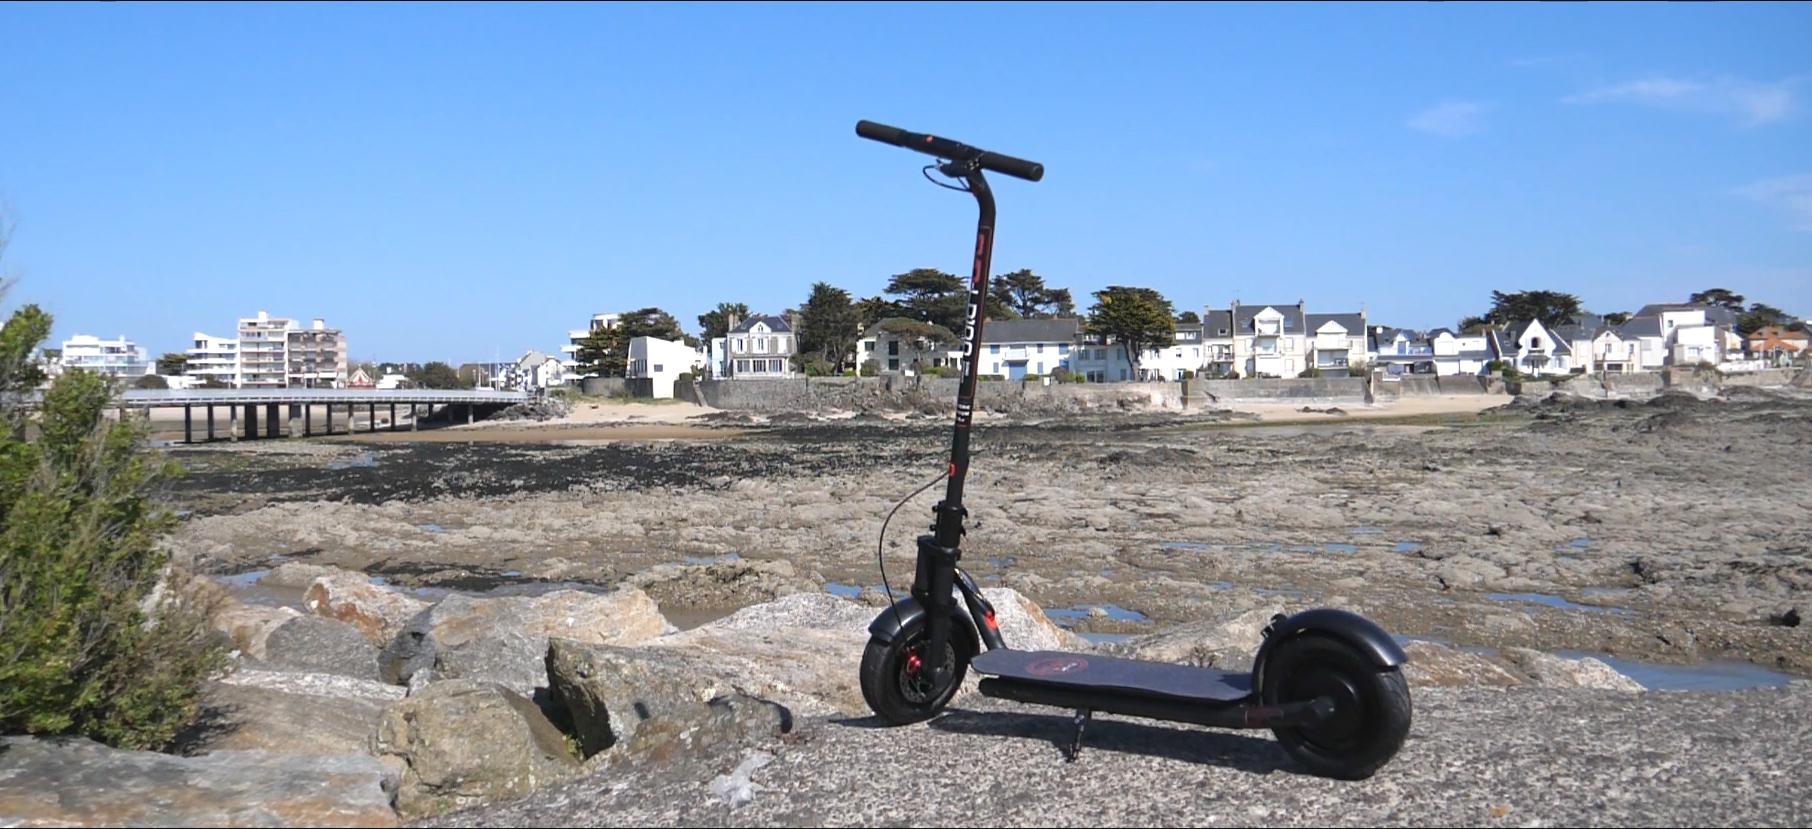 trottinette électrique Evo-LD100 est parfaite pour rouler sur des longues distances avec son confort et sa grande autonomie